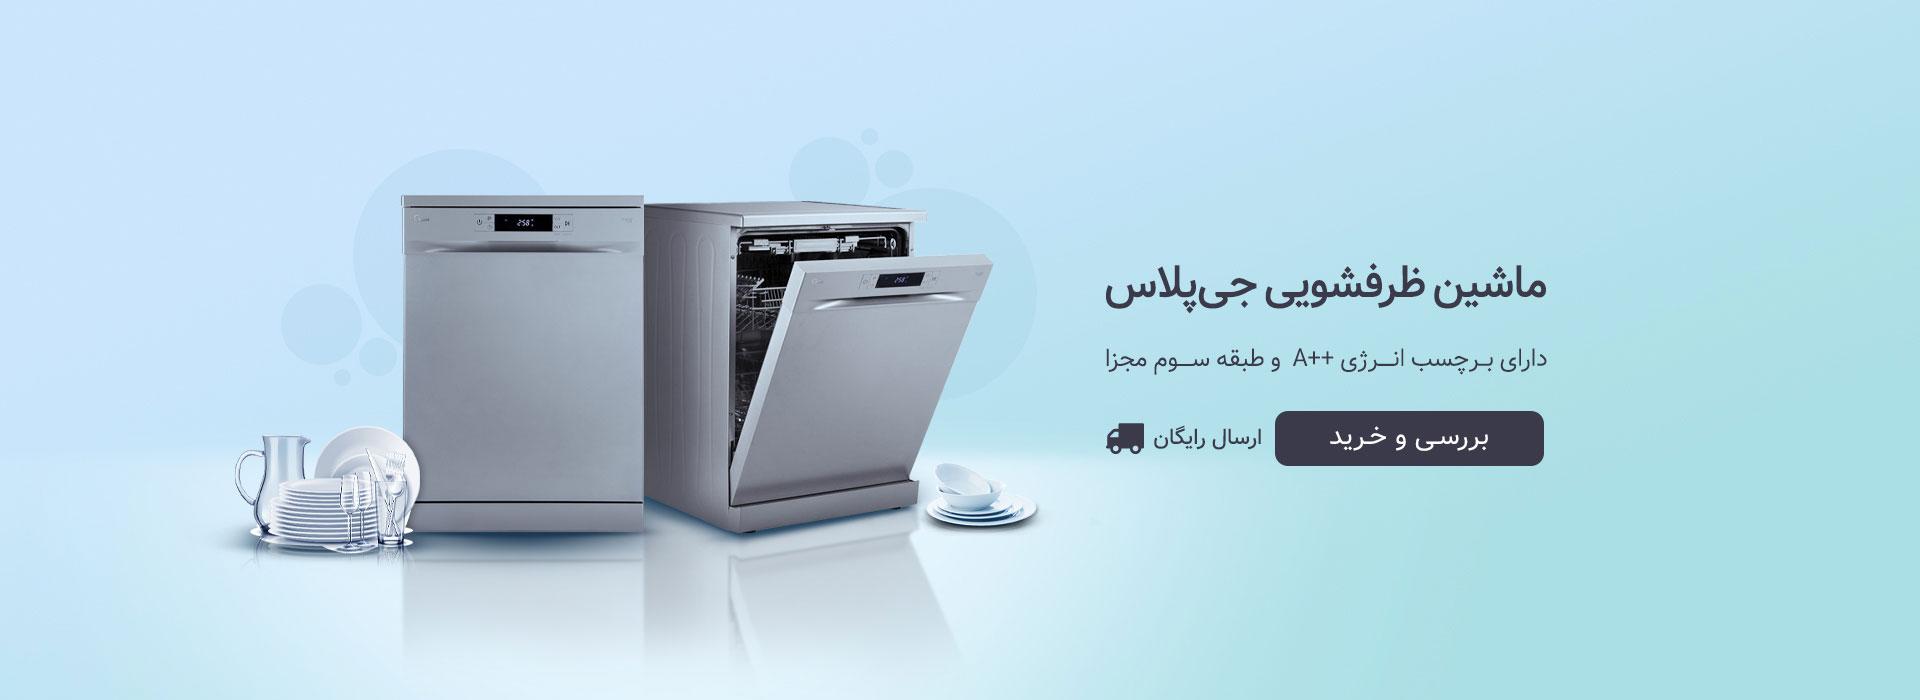 ماشین ظرفشویی 14 نفره جی پلاس مدل K462S